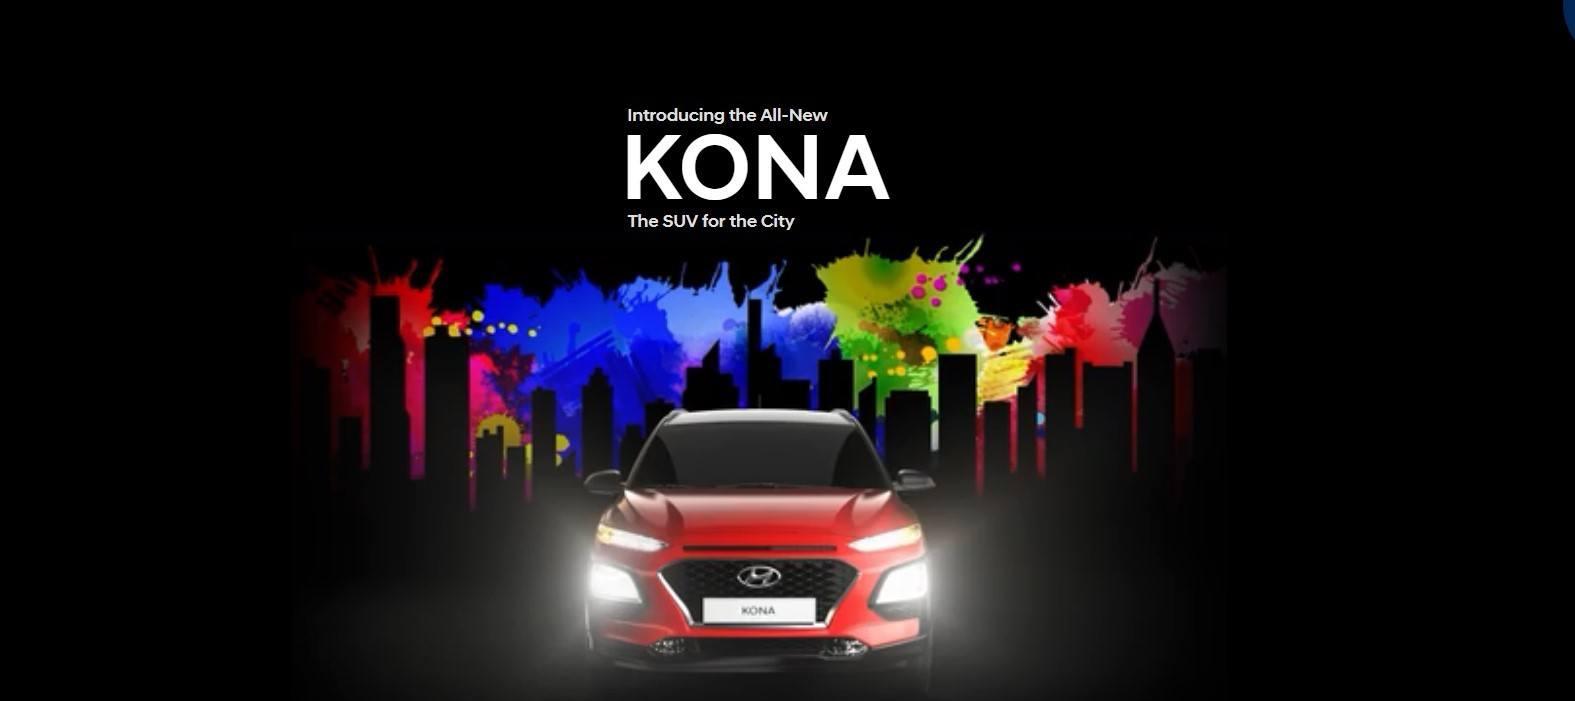 introducing Kona 2018